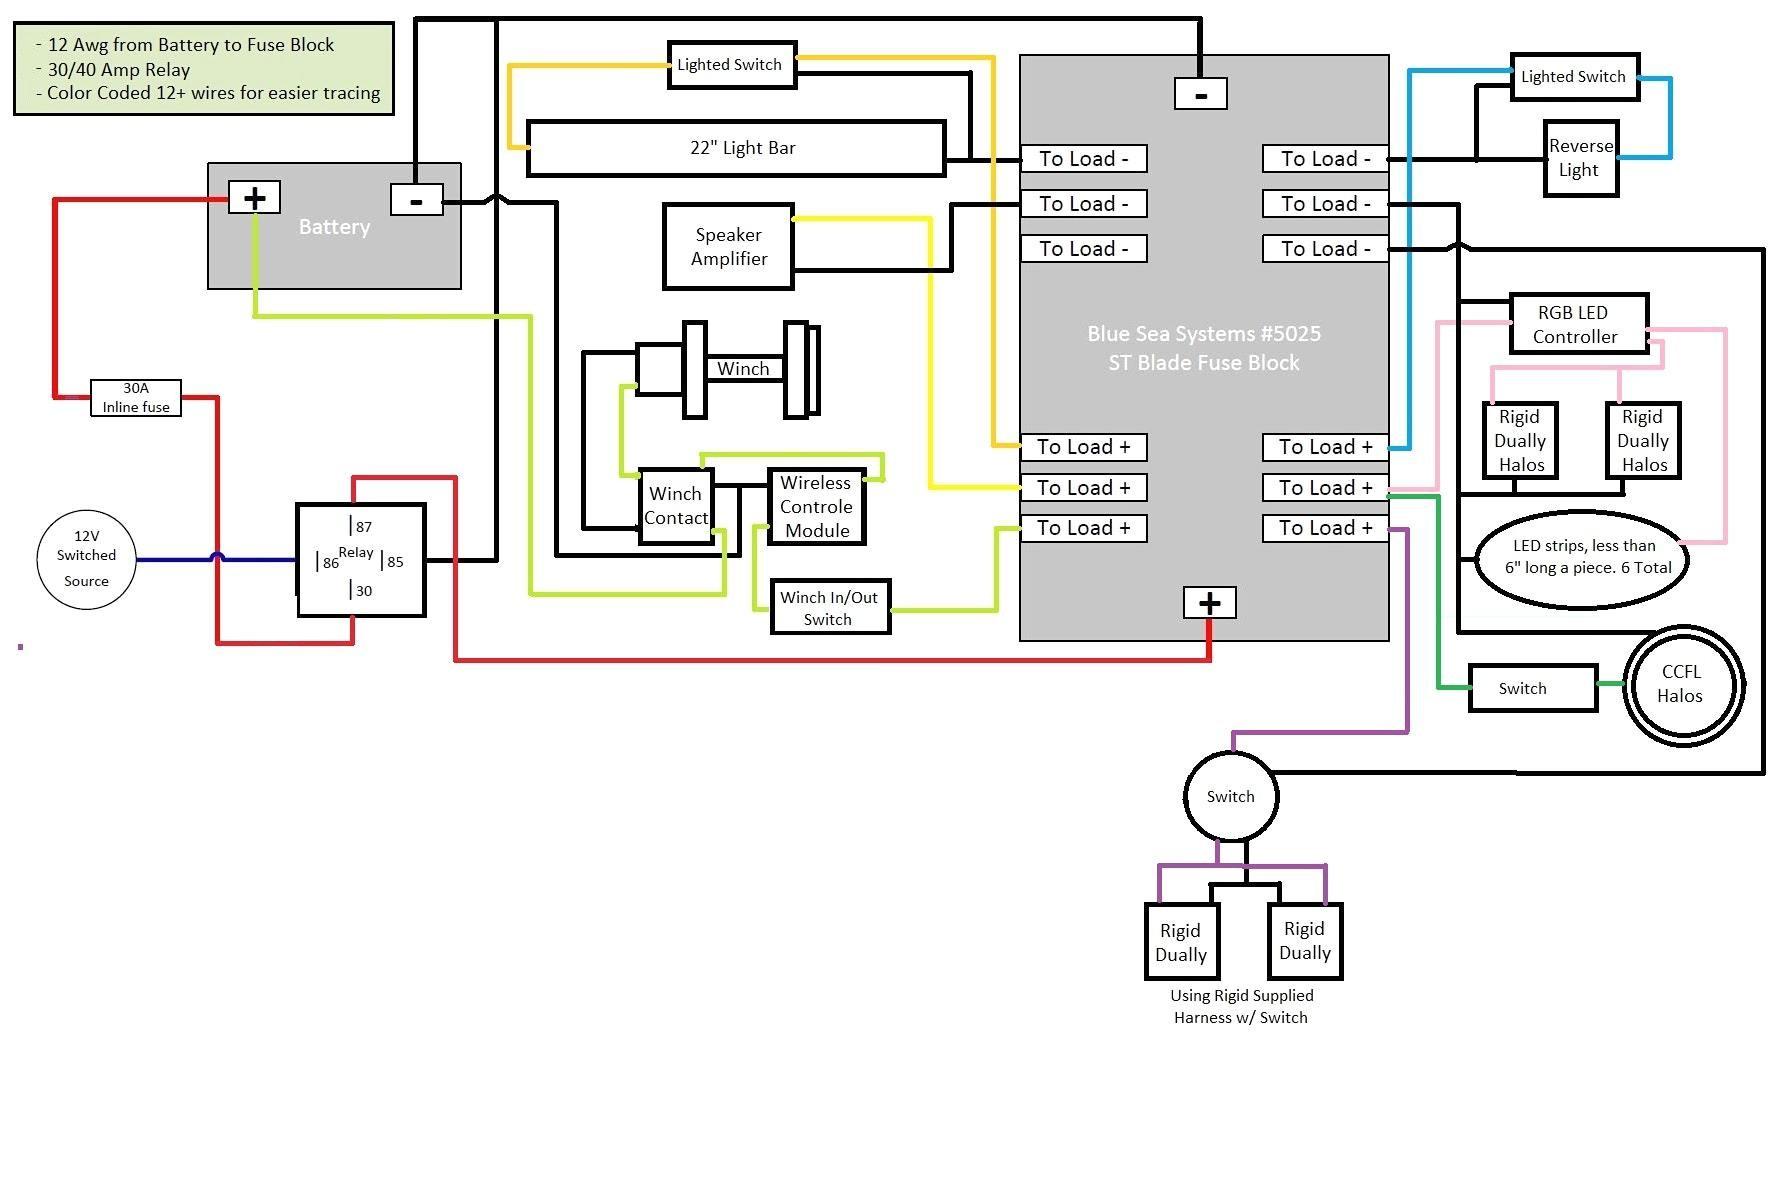 2006 yamaha raptor wiring diagram ns 0490  diagram in addition yamaha wolverine 350 carburetor  yamaha wolverine 350 carburetor